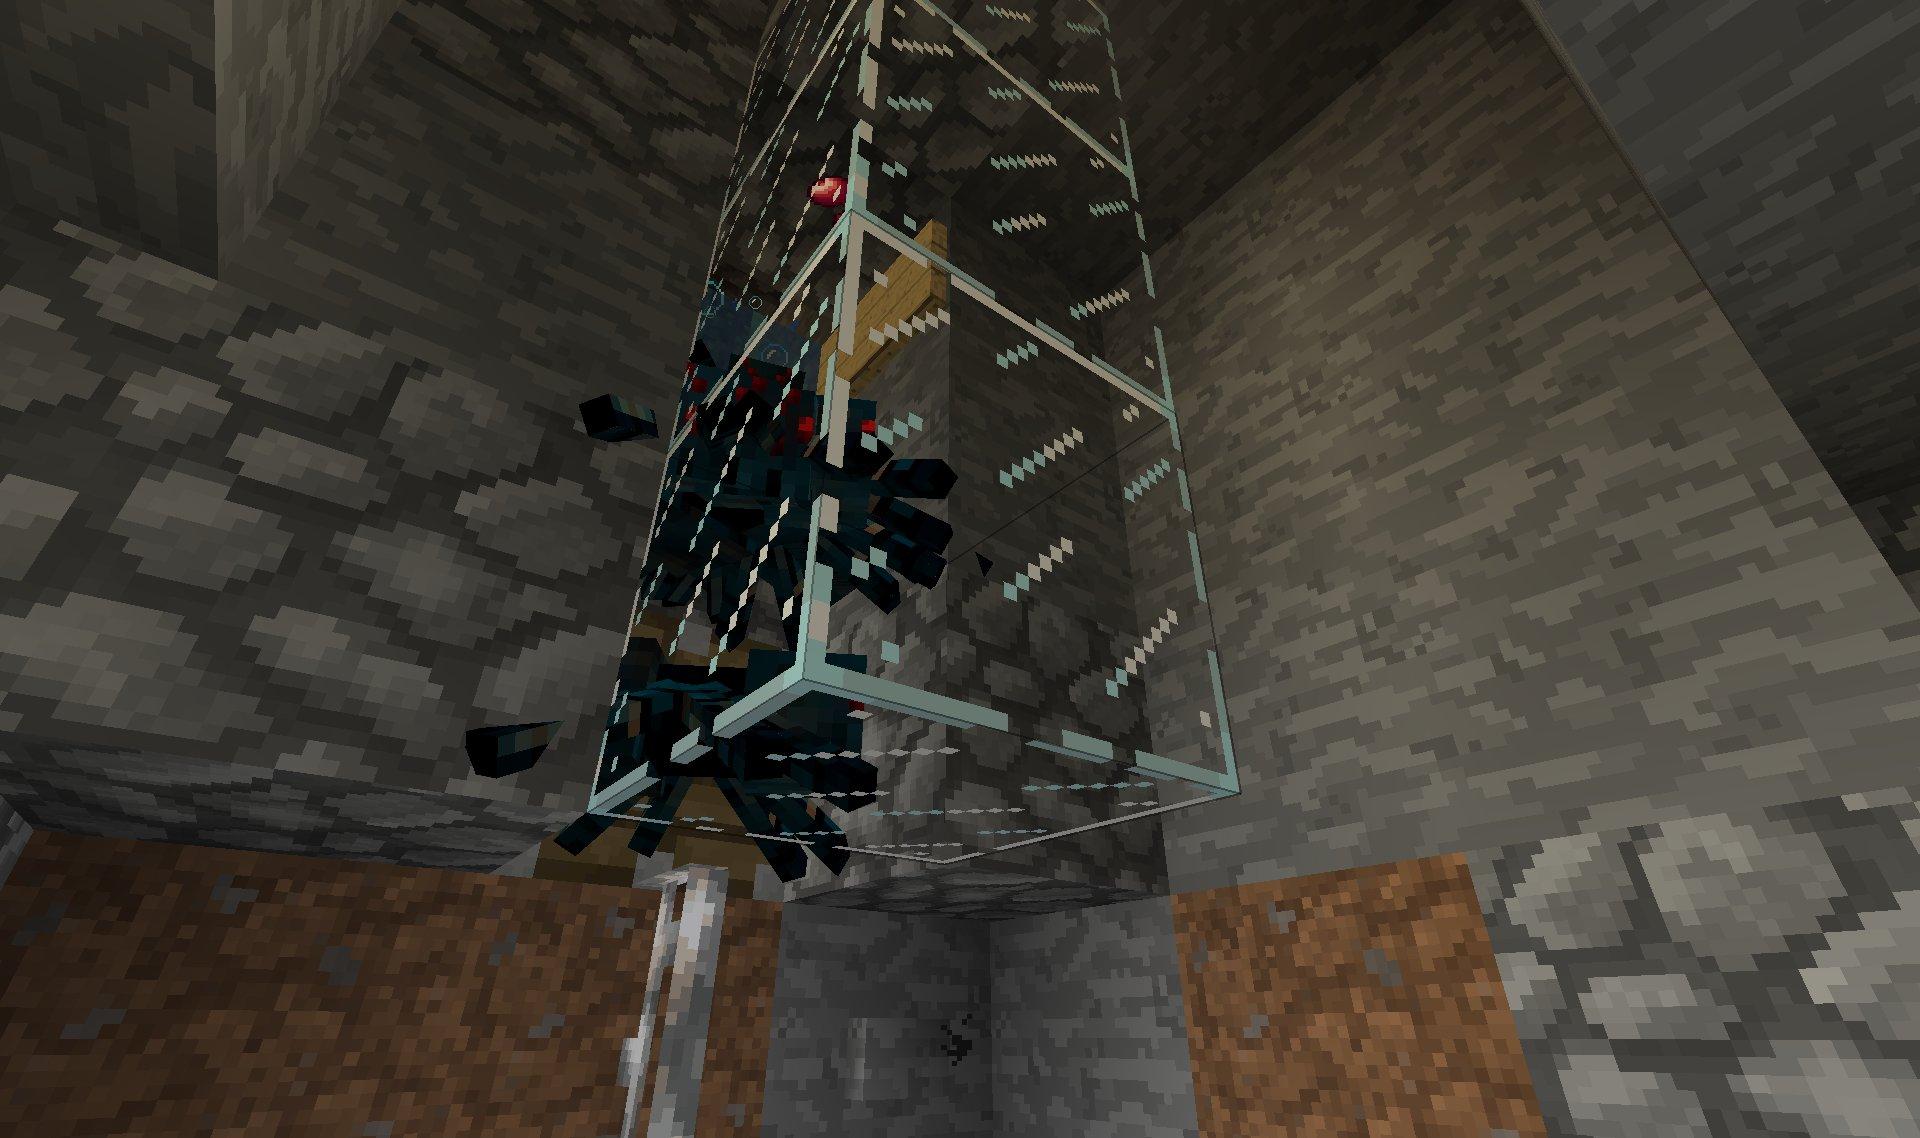 Ferme à araignées des caves 3889f3e6-aef1-4d21-9602-93b4d57d24ec